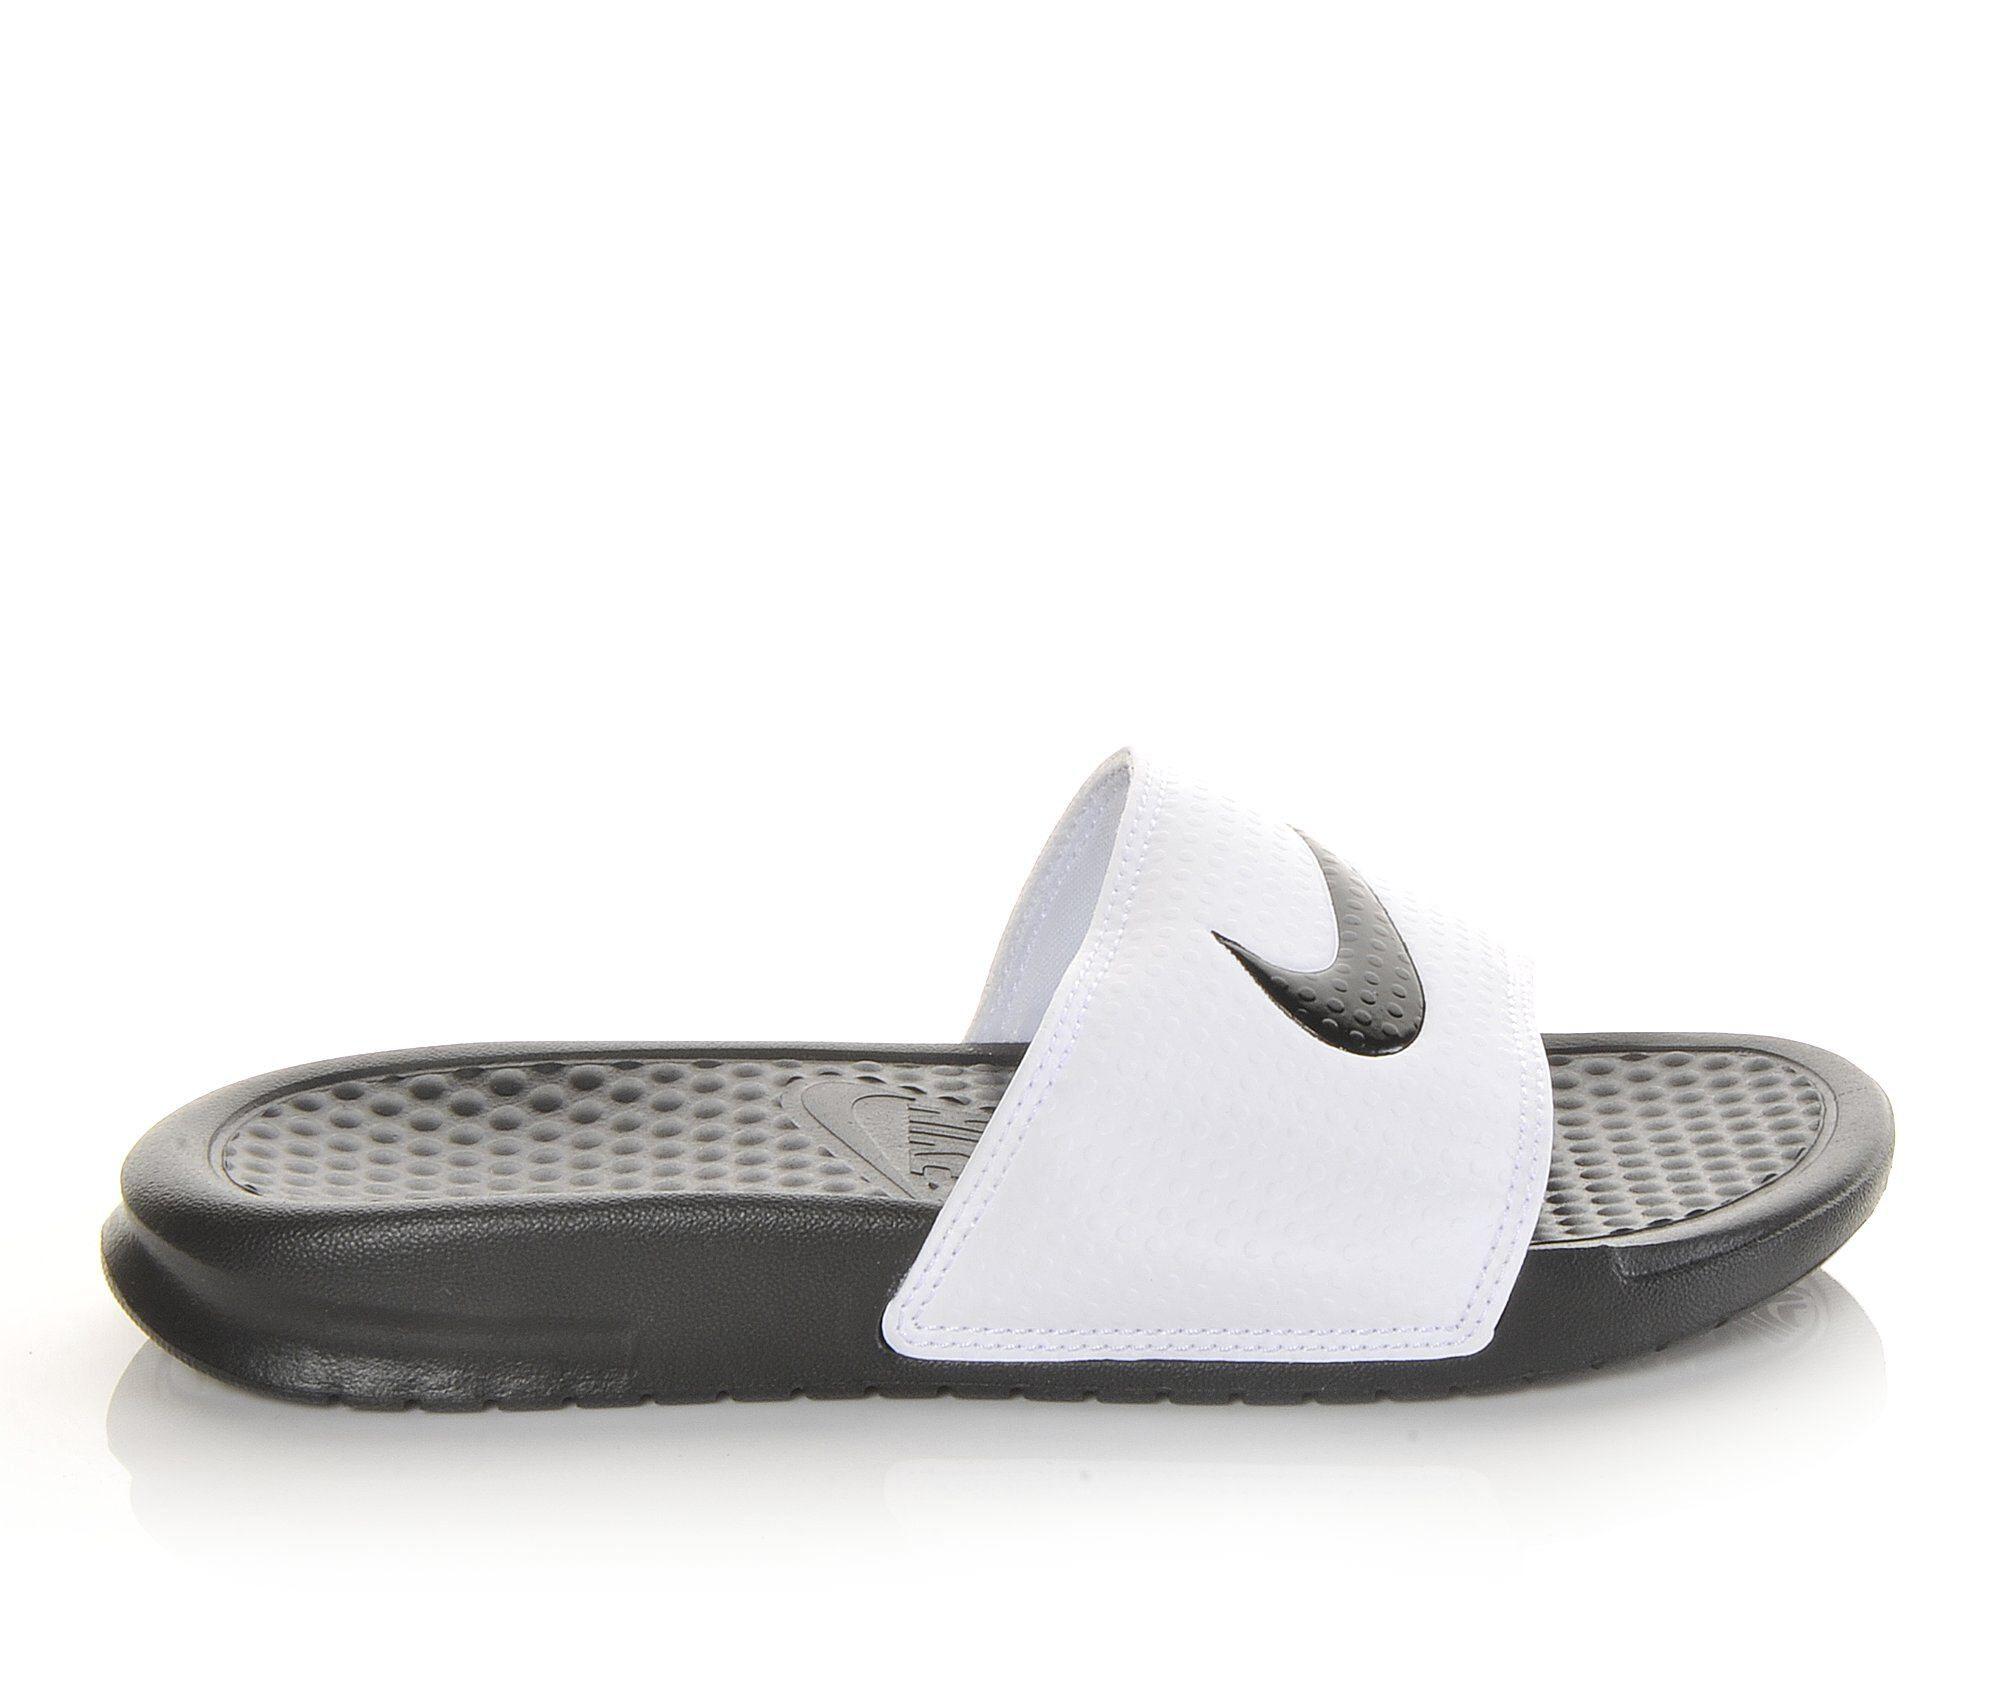 Livraison gratuite nouveau vente Footlocker Femmes Nike Benassi Glisse Swoosh Carnaval achat vente jeu 2015 i0VKEJc